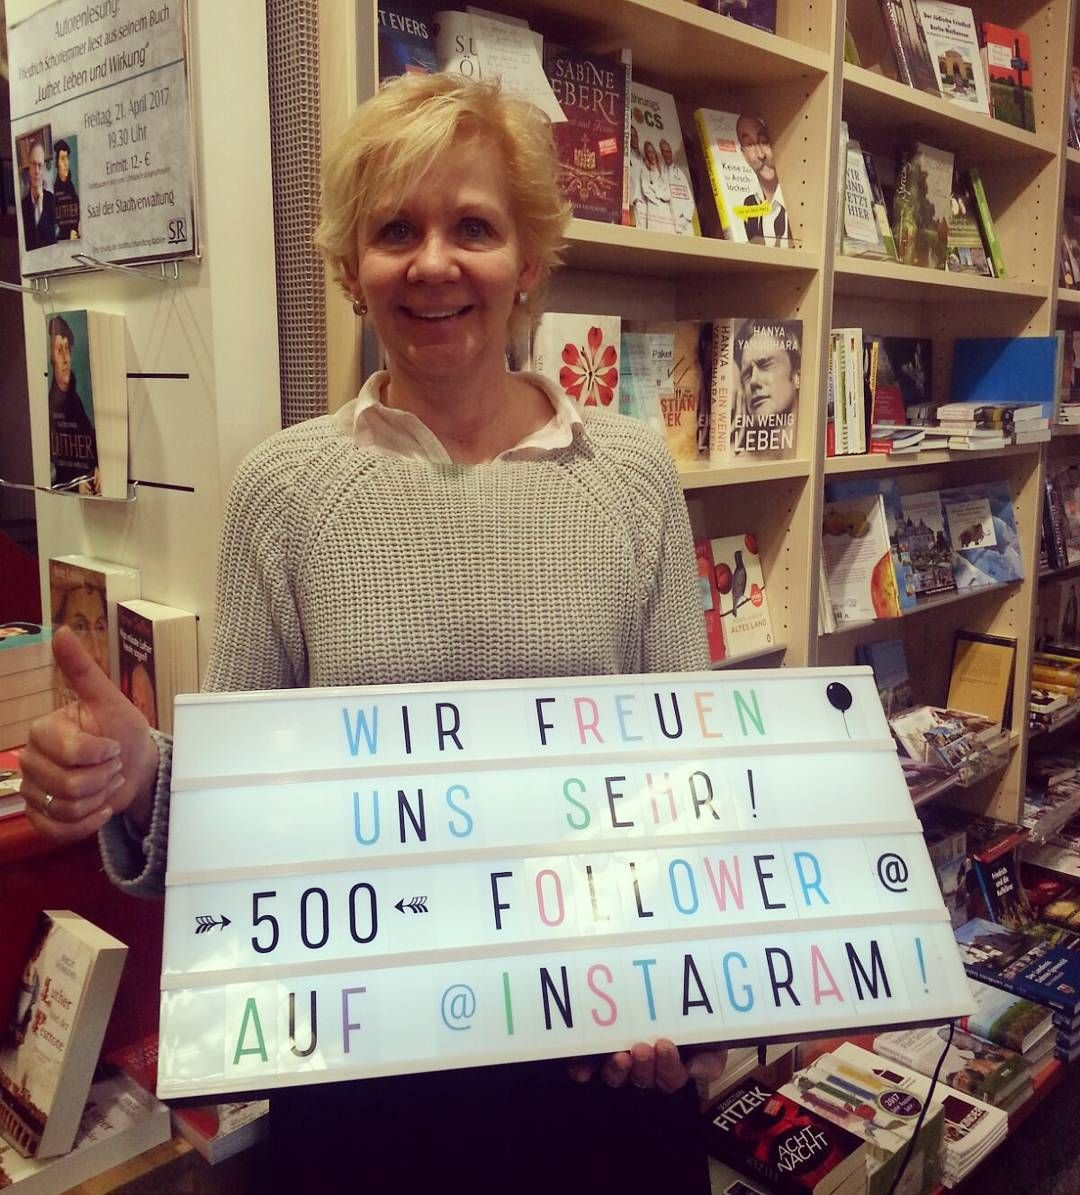 500 Follower !! Die Chefin ist sehr begeistert _ Vielen Dank für eure Unterstützung auf Instagram! Wir erhalten viele liebe Kommentare und Hinweise von euch. Schön dass Ihr uns hier begleitet! _ Als Dankeschön gibt es in den nächsten Tagen eine kleine Überraschung. Seid gespannt! _ #danke #danke500 #500  #buchhandlung #radwer #lesen #bookstagram #bookish #bookstore #lesen #bücherliebe #booklove #books #reading #thanks #happy #freude #glücklich #lieblingsladen #dank #instabook